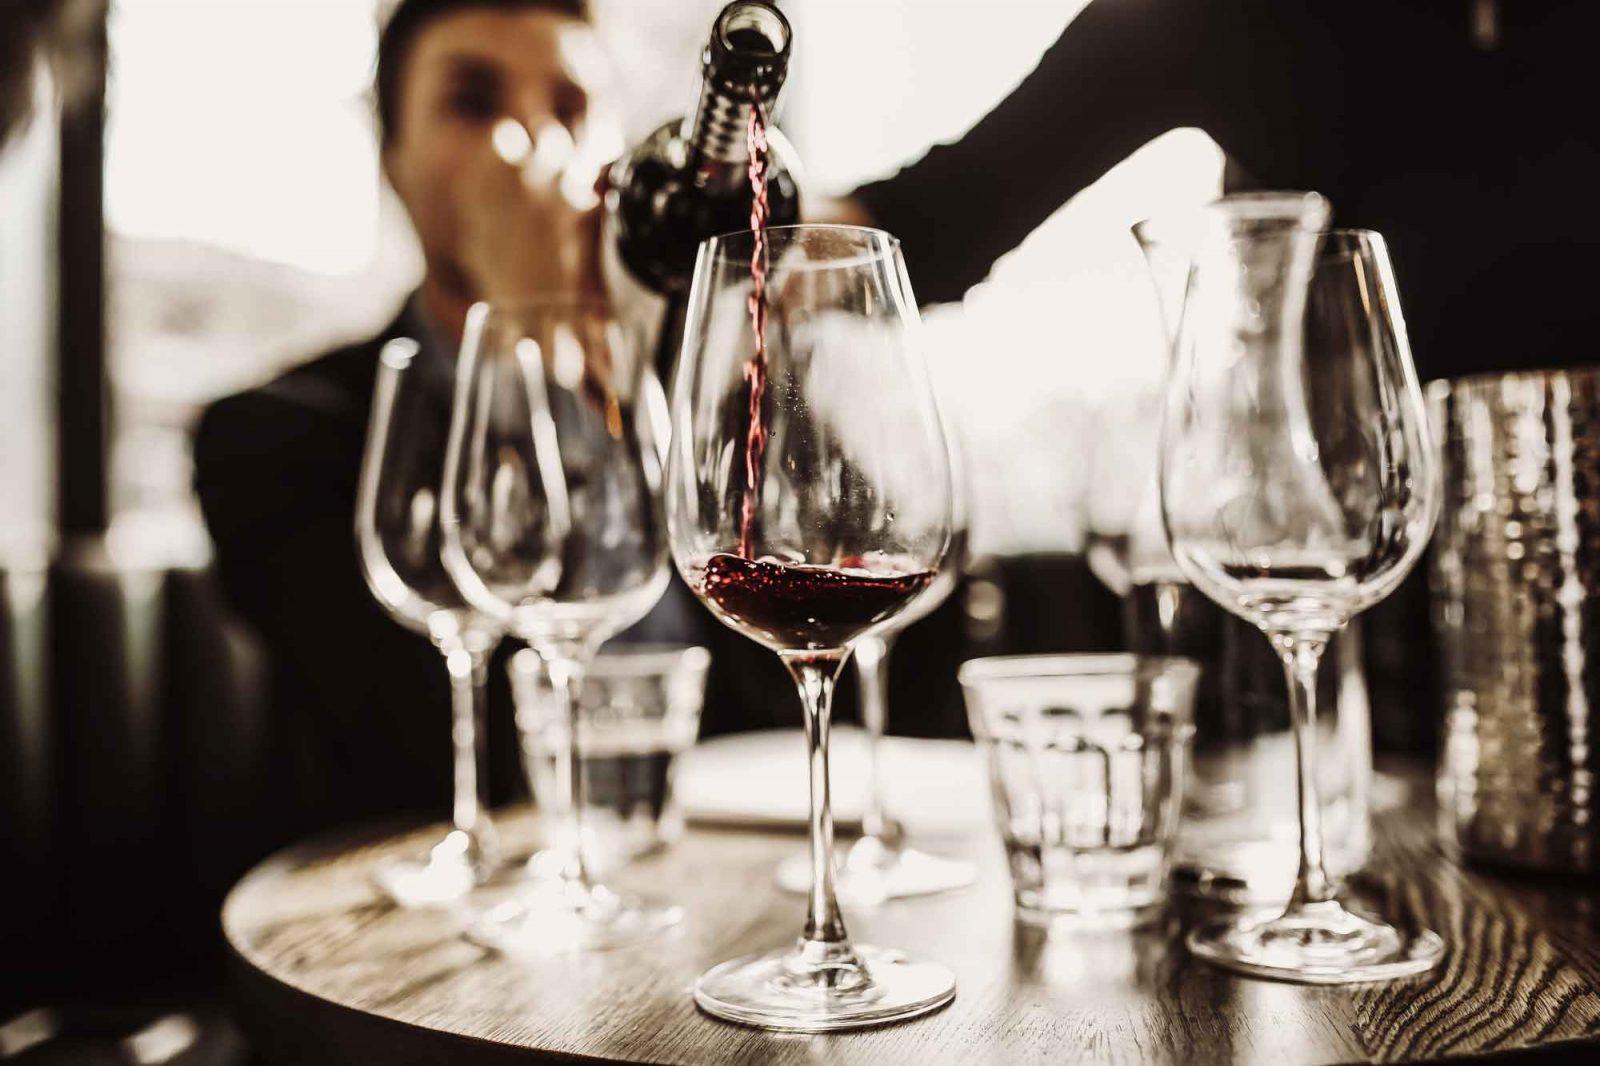 Servitris häller rött vin i ett glas då vänner upplever vinprovning i restaurang Västersalt på Bokenäset